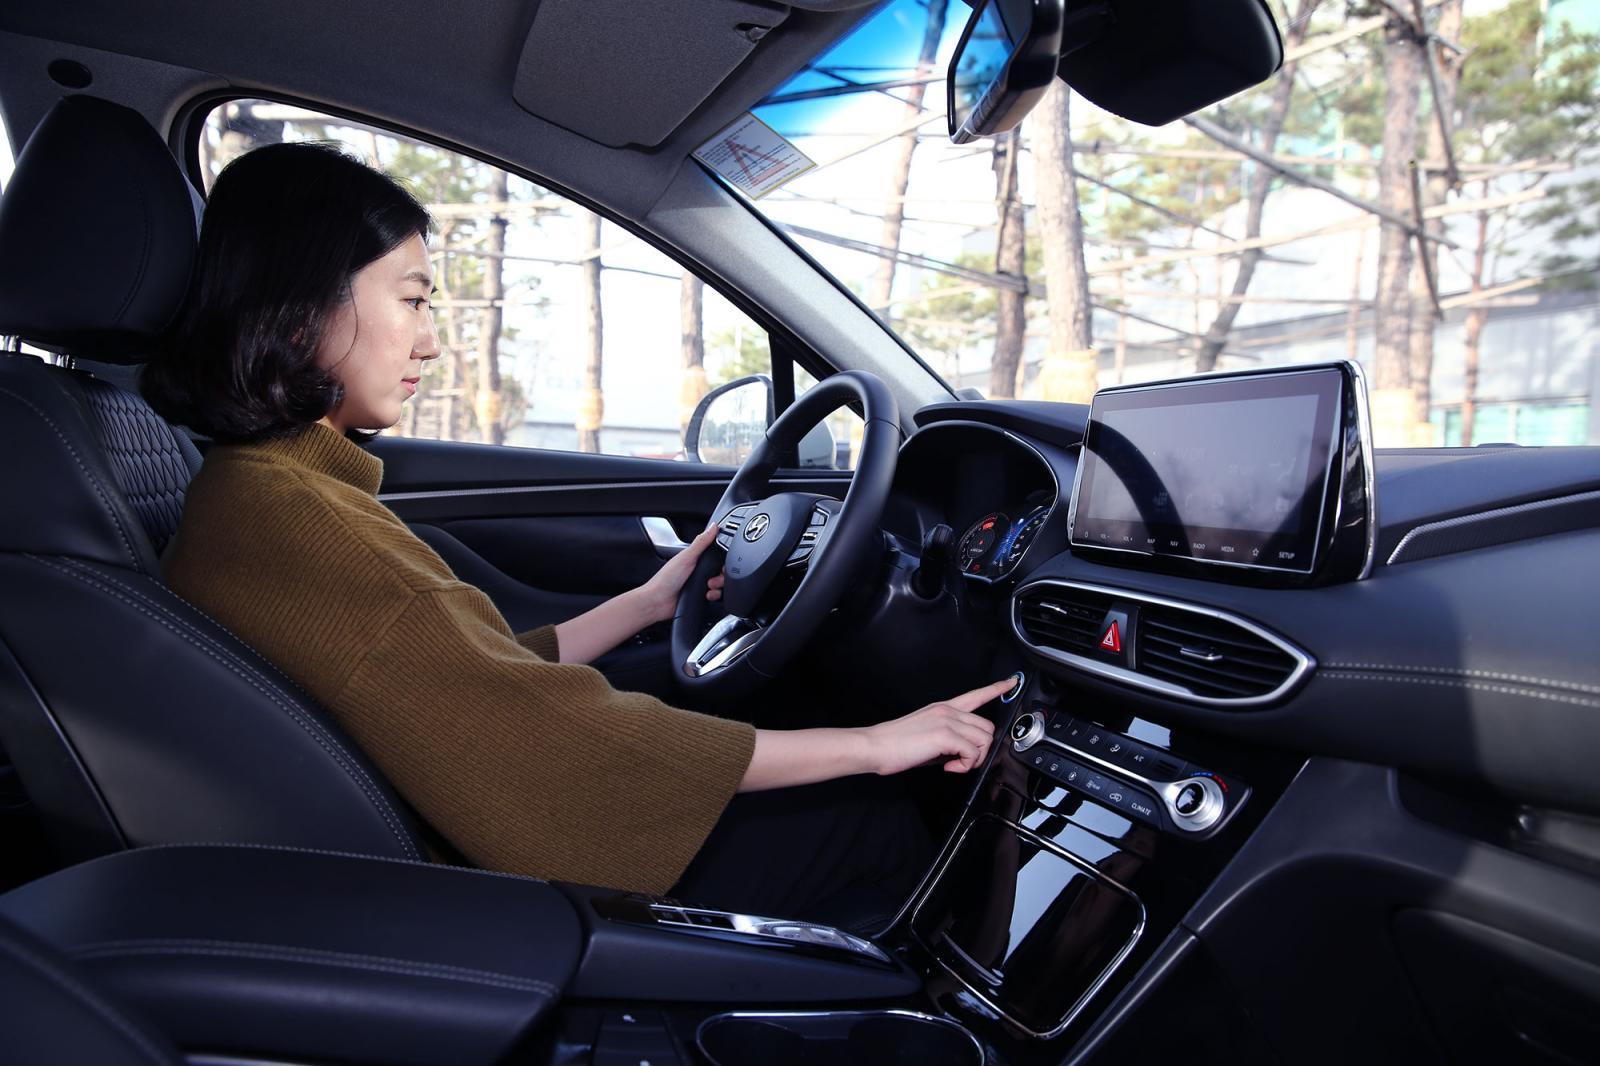 La nueva Hyundai Santa Fe funciona solo con tu huella digital